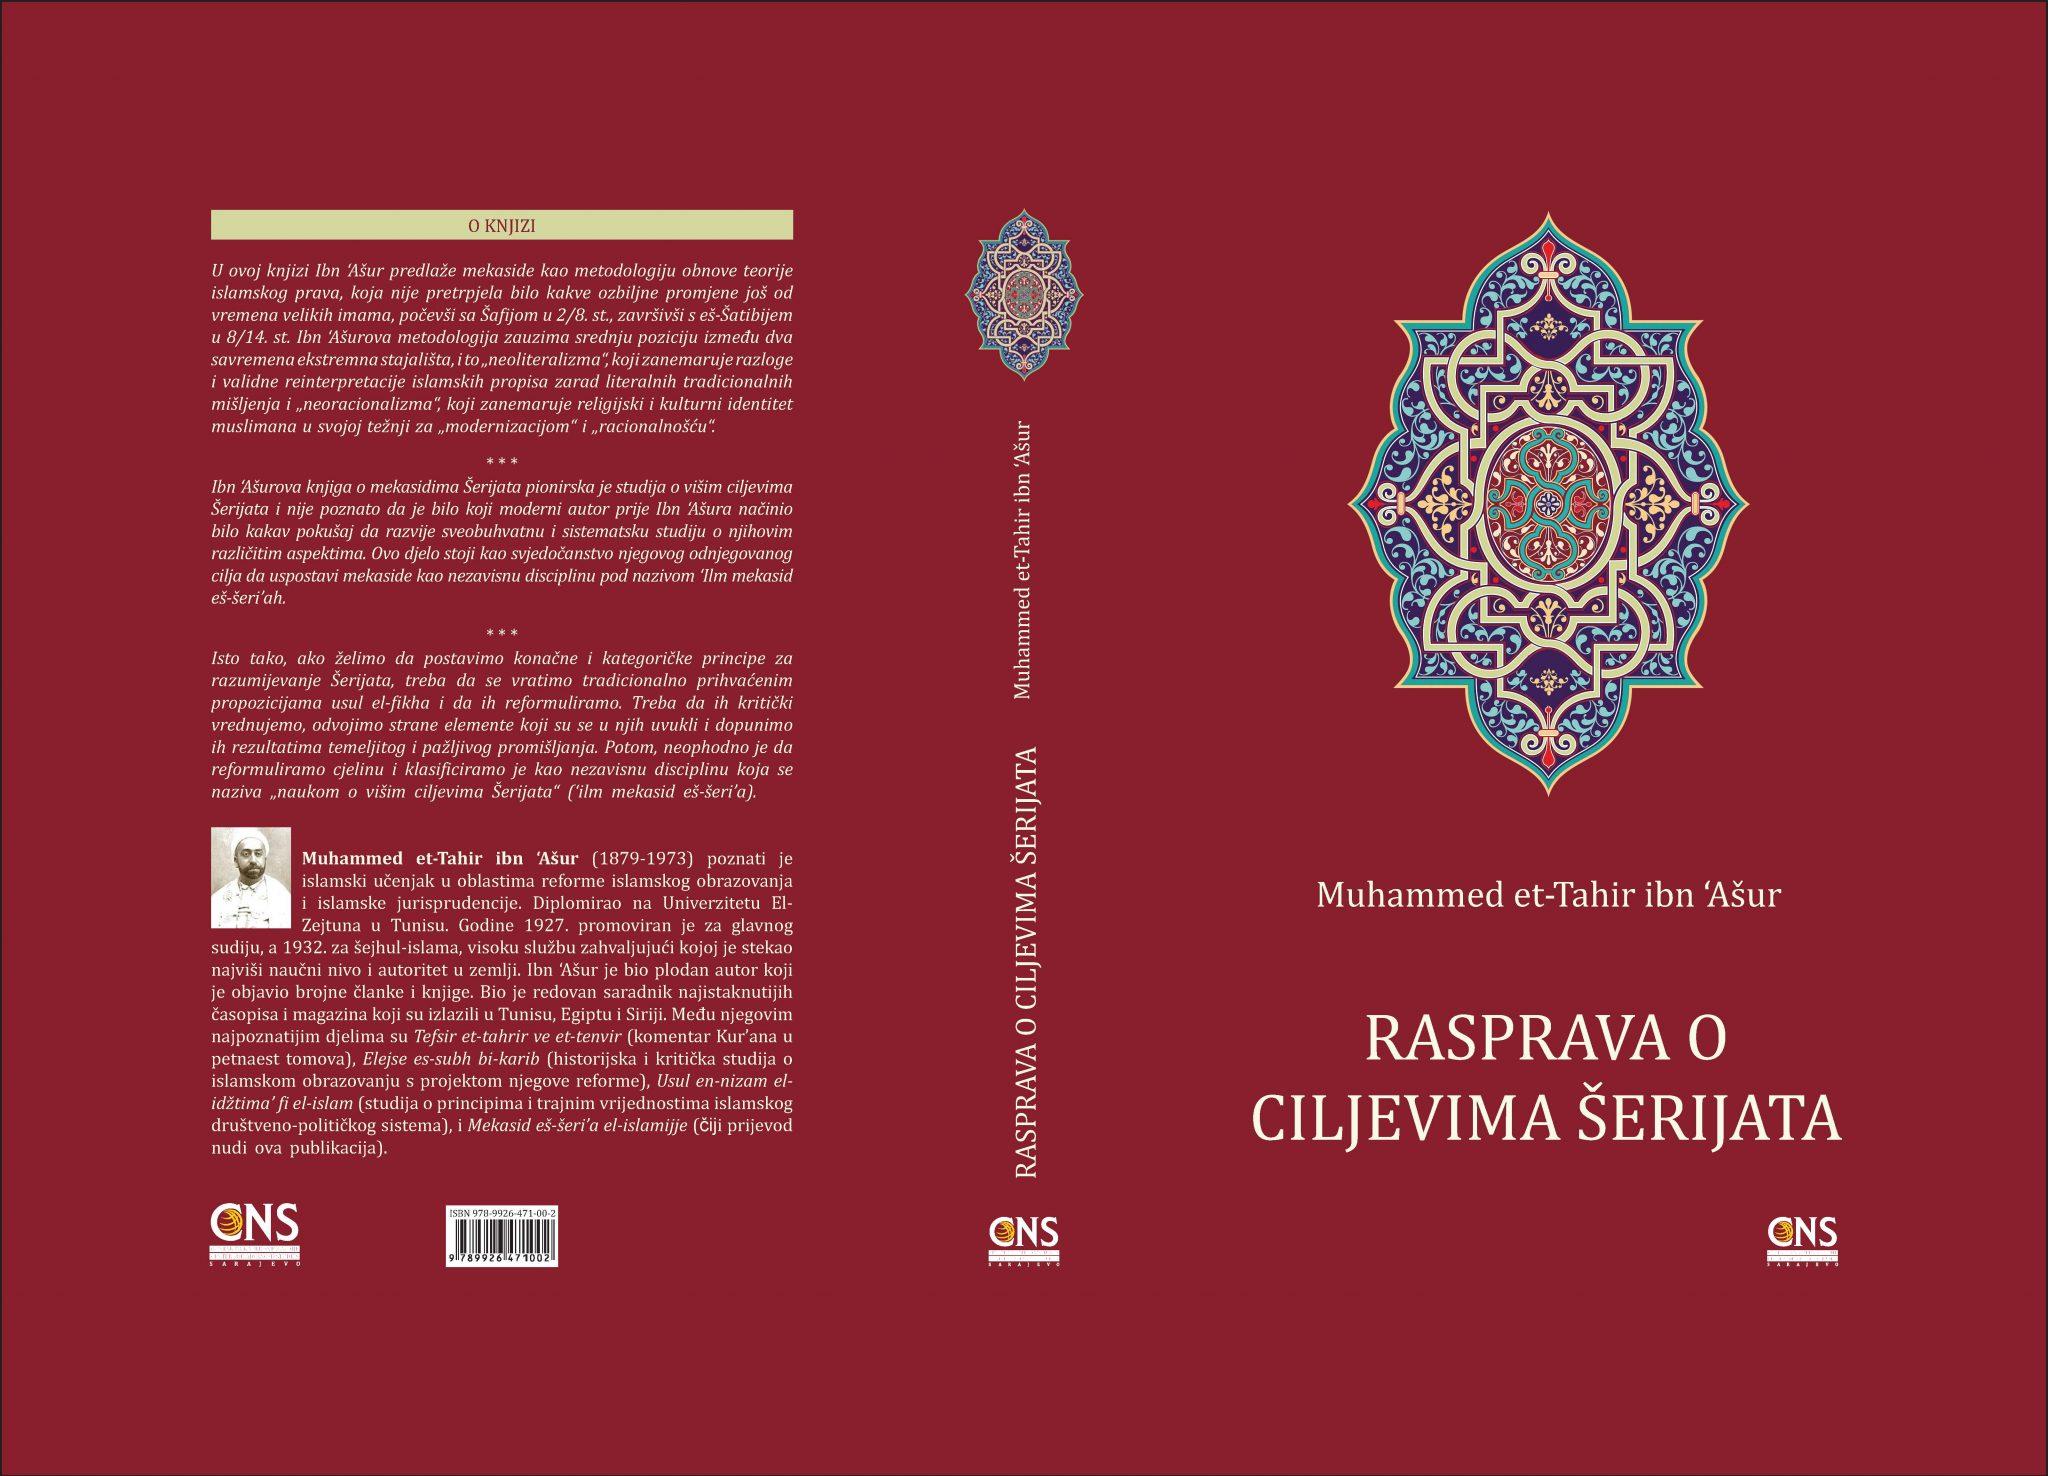 Novo izdanje: Rasprava o ciljevima šerijata